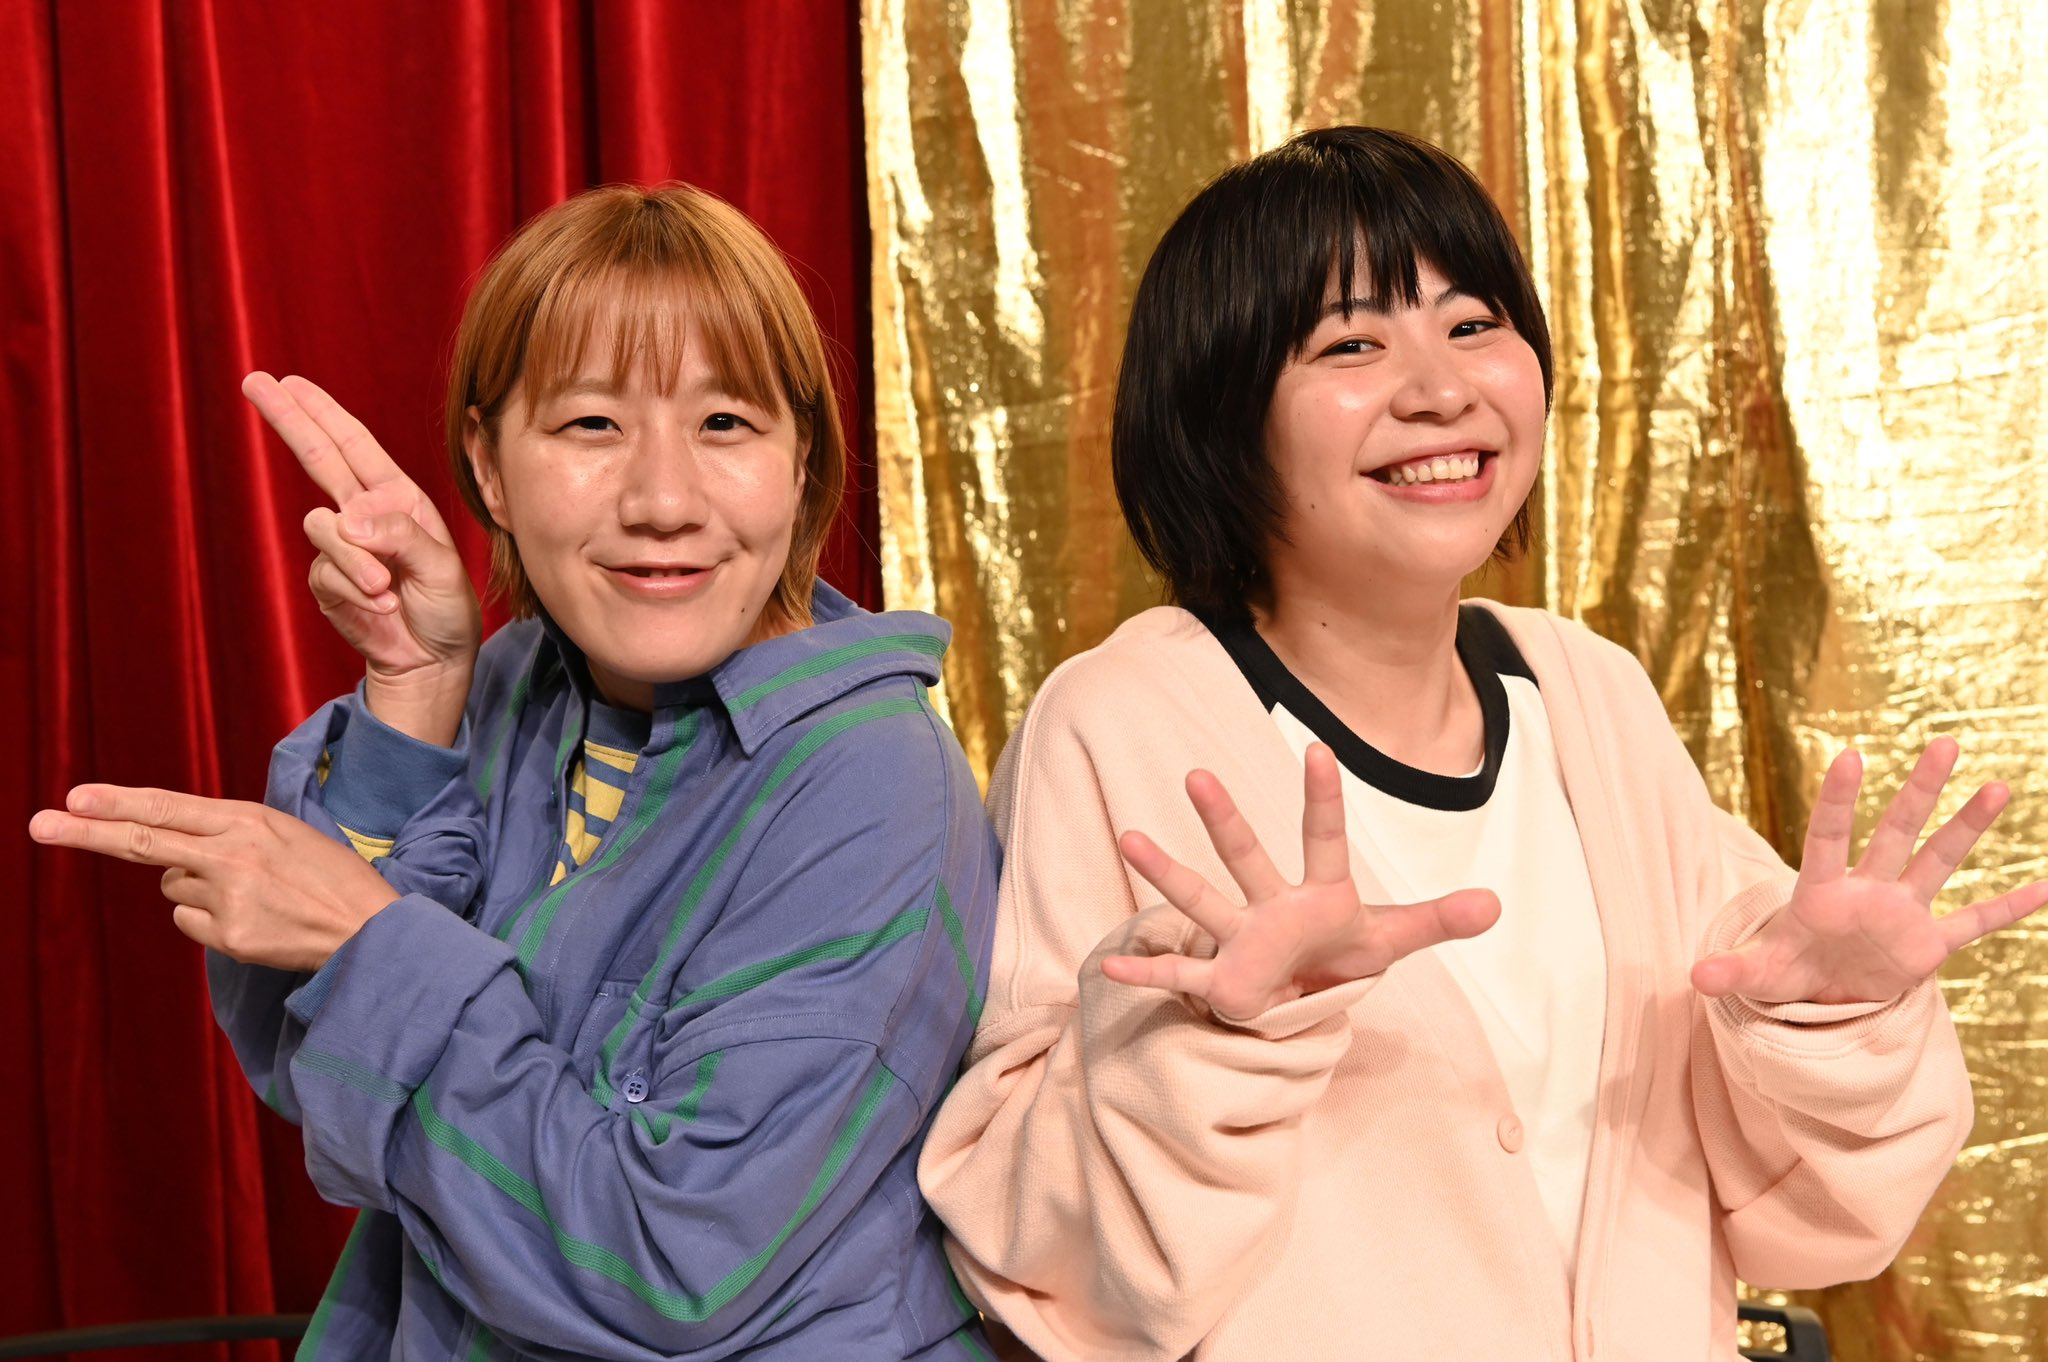 【悲報】女芸人のAマッソ加納ちゃん、ロックバンドボーカルと結婚